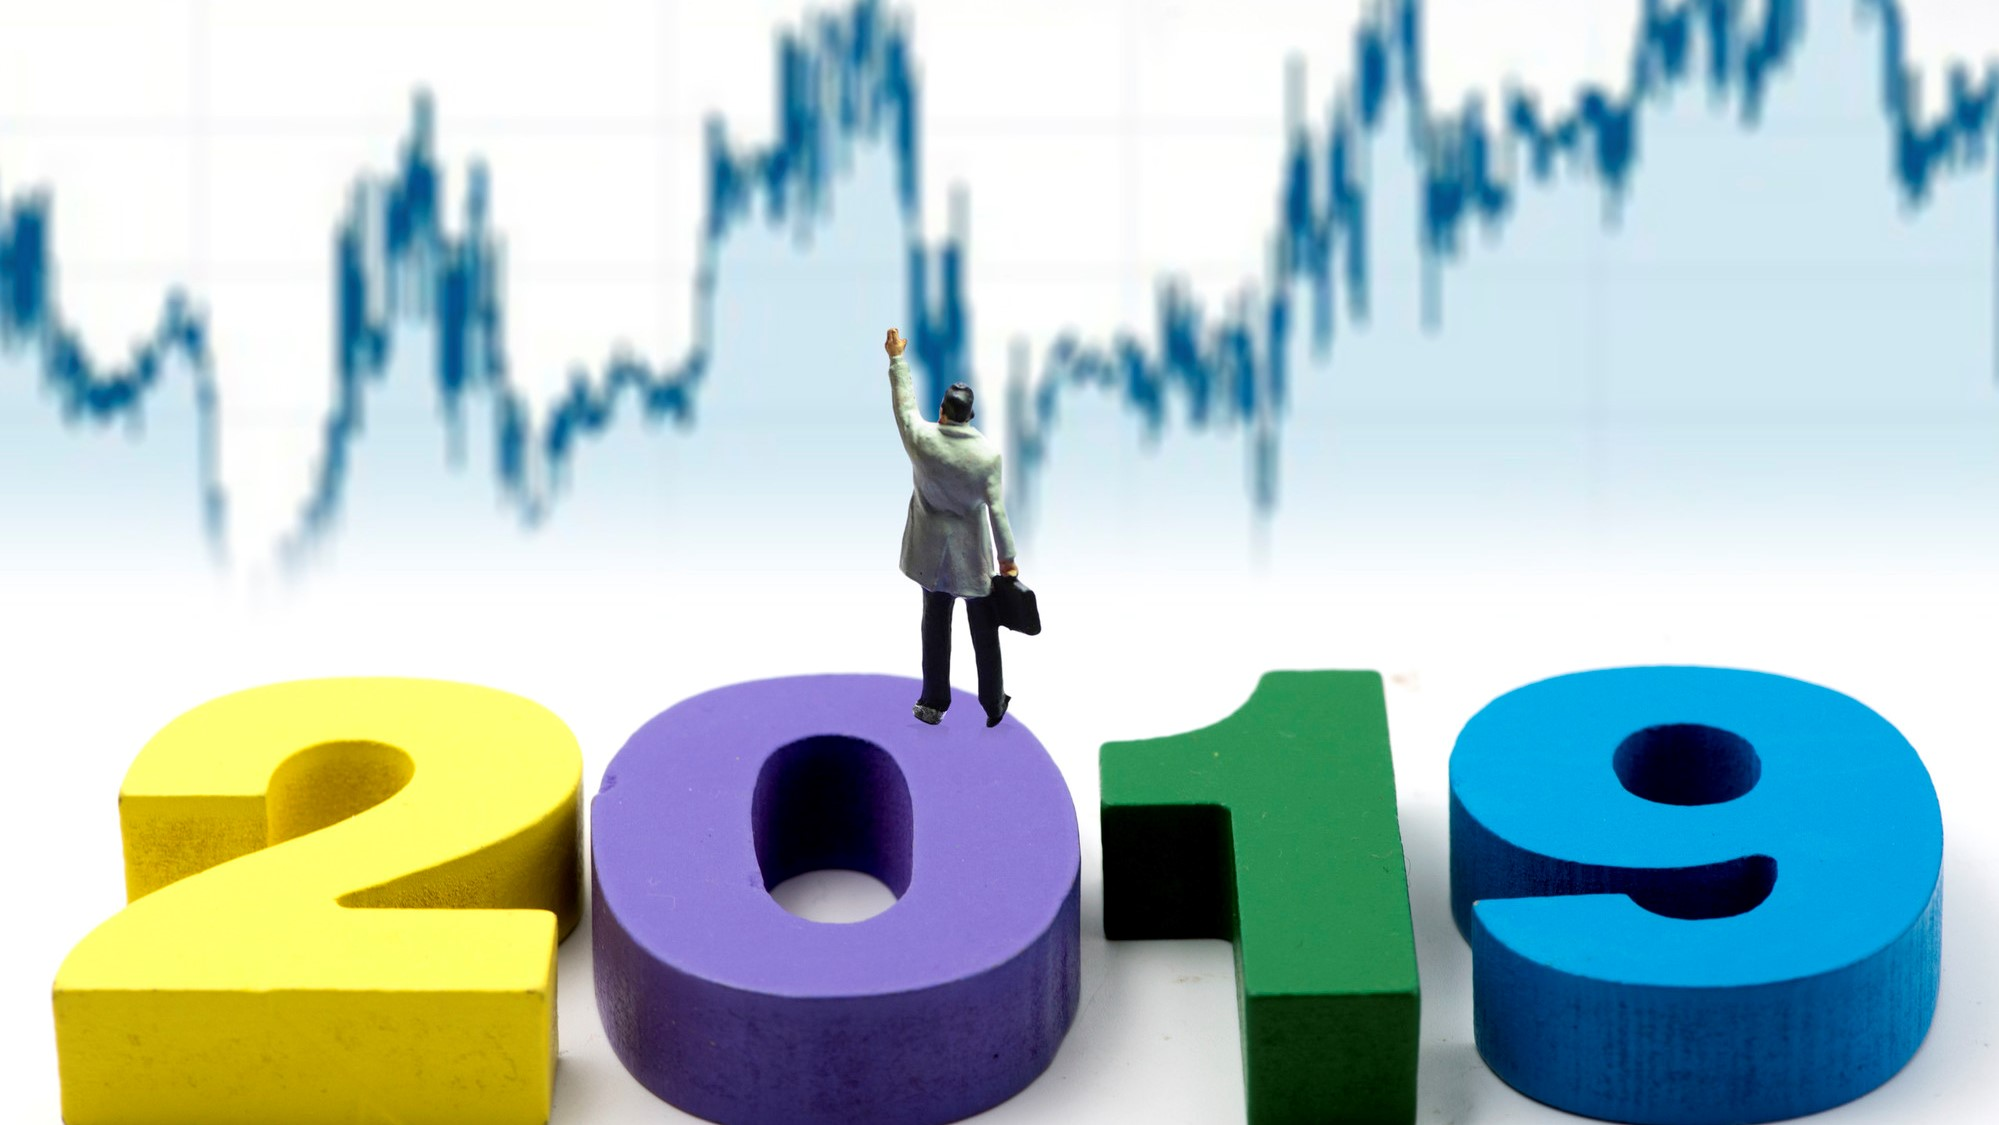 中国人寿(601628.SH)一季度净利润预增80%-100%至243.32亿-270.36亿元